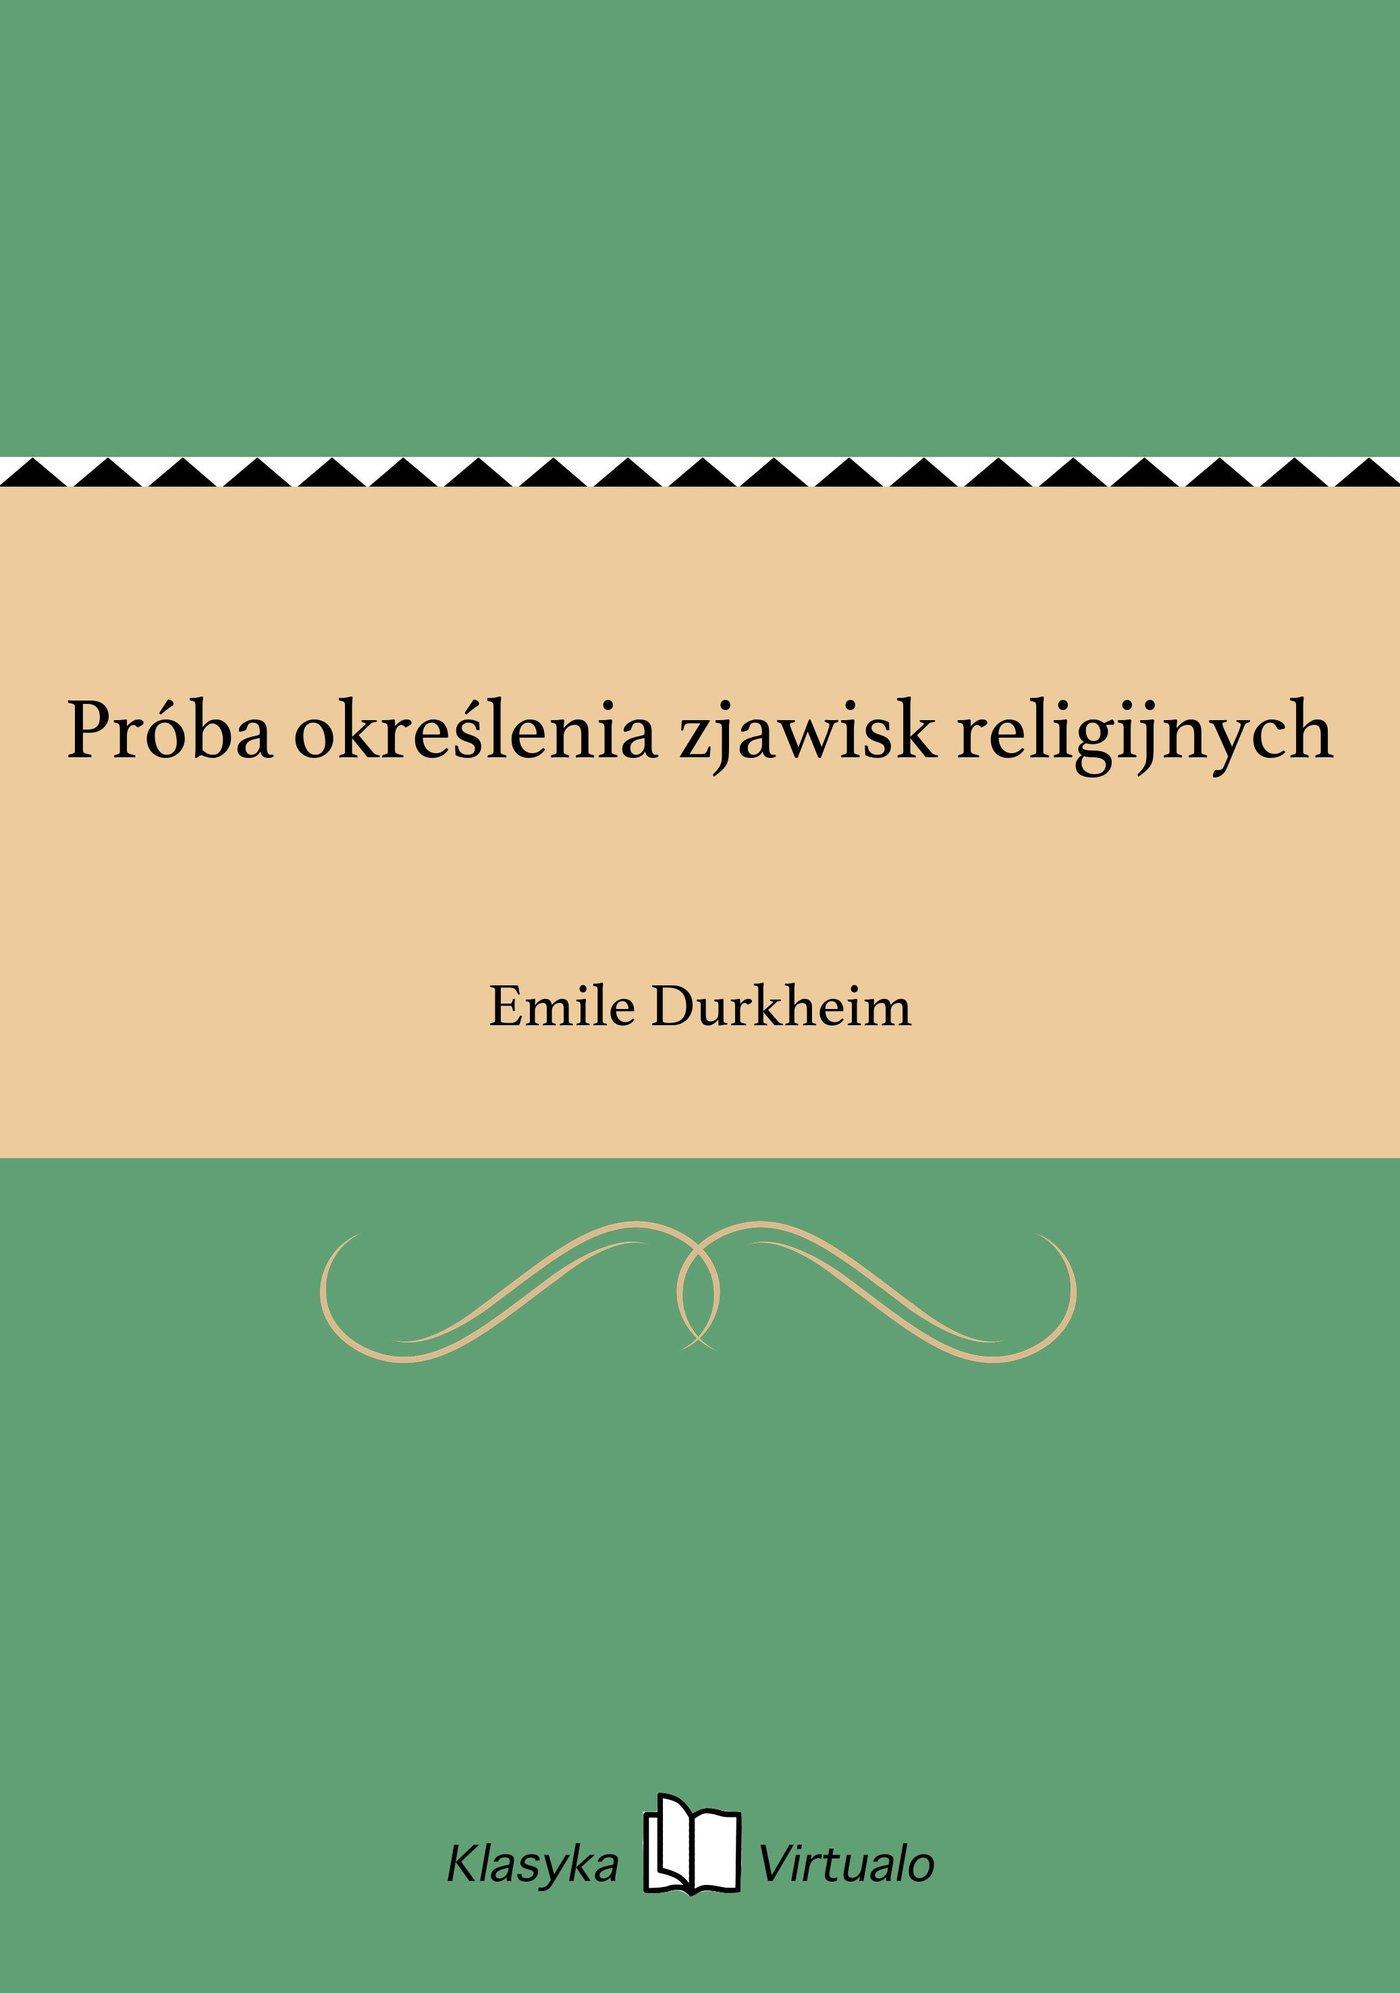 Próba określenia zjawisk religijnych - Ebook (Książka EPUB) do pobrania w formacie EPUB